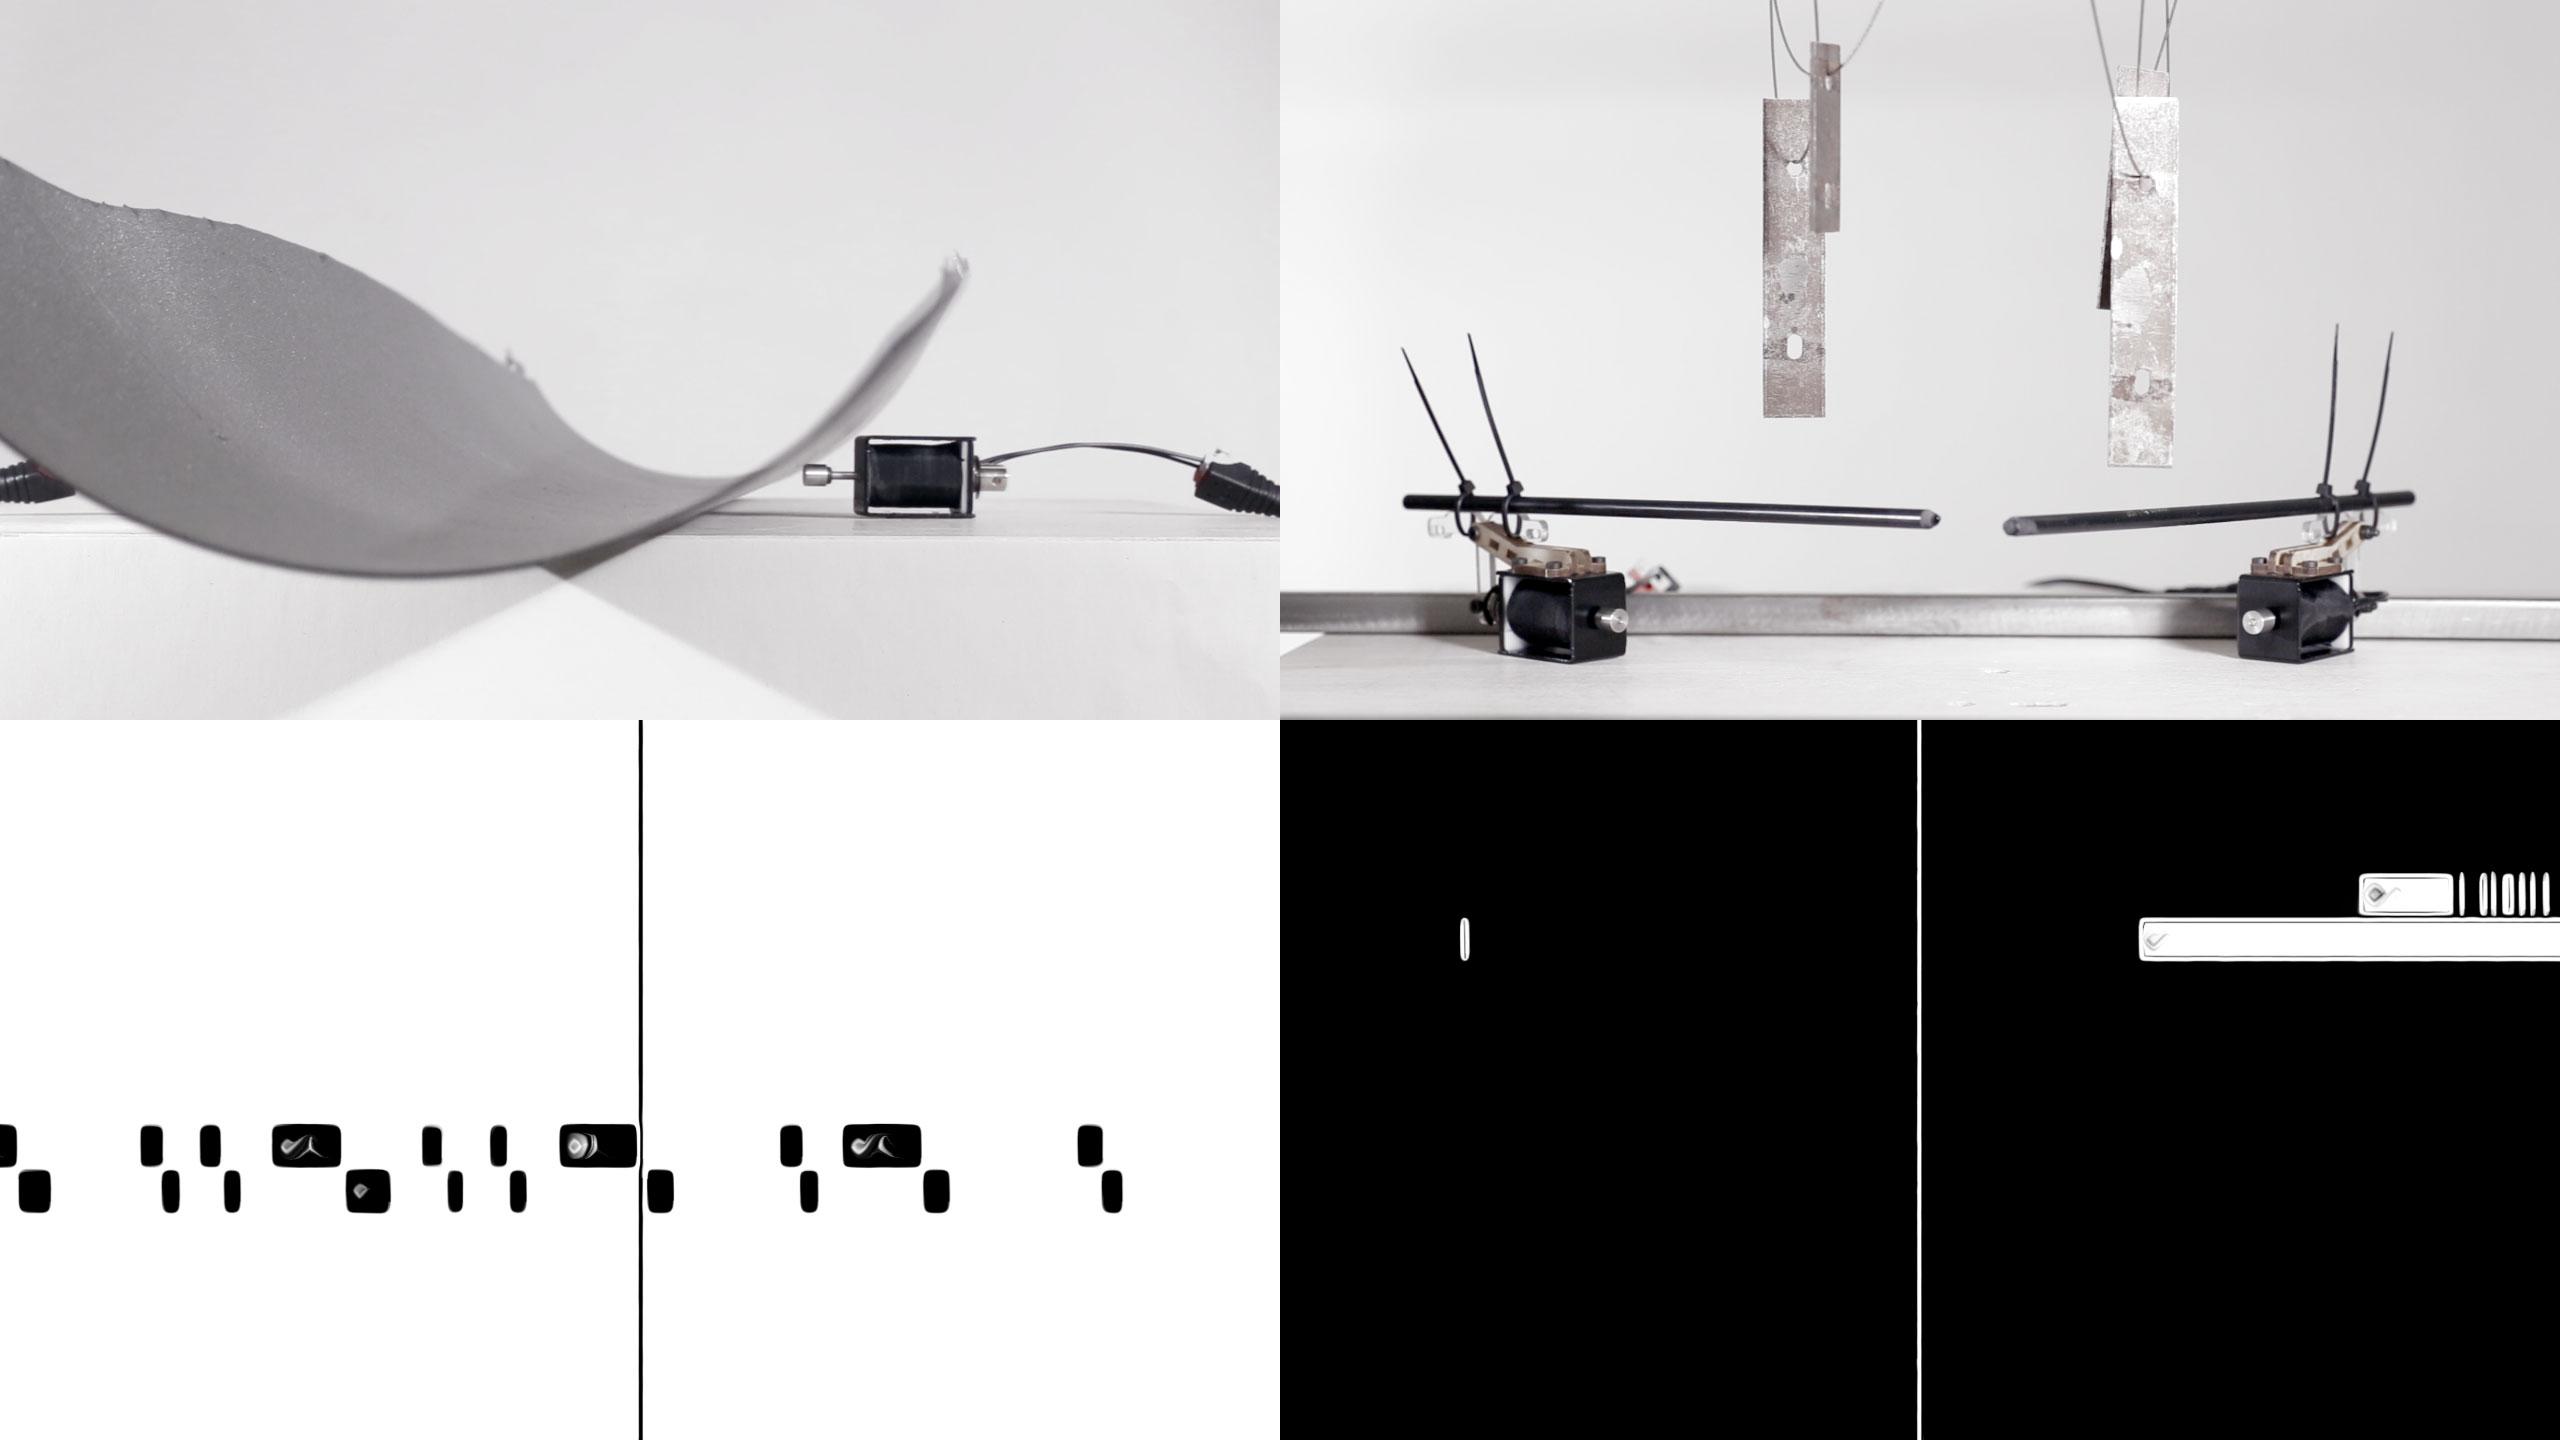 Jacek Doroszenko - Metascore of new gestures - video 03